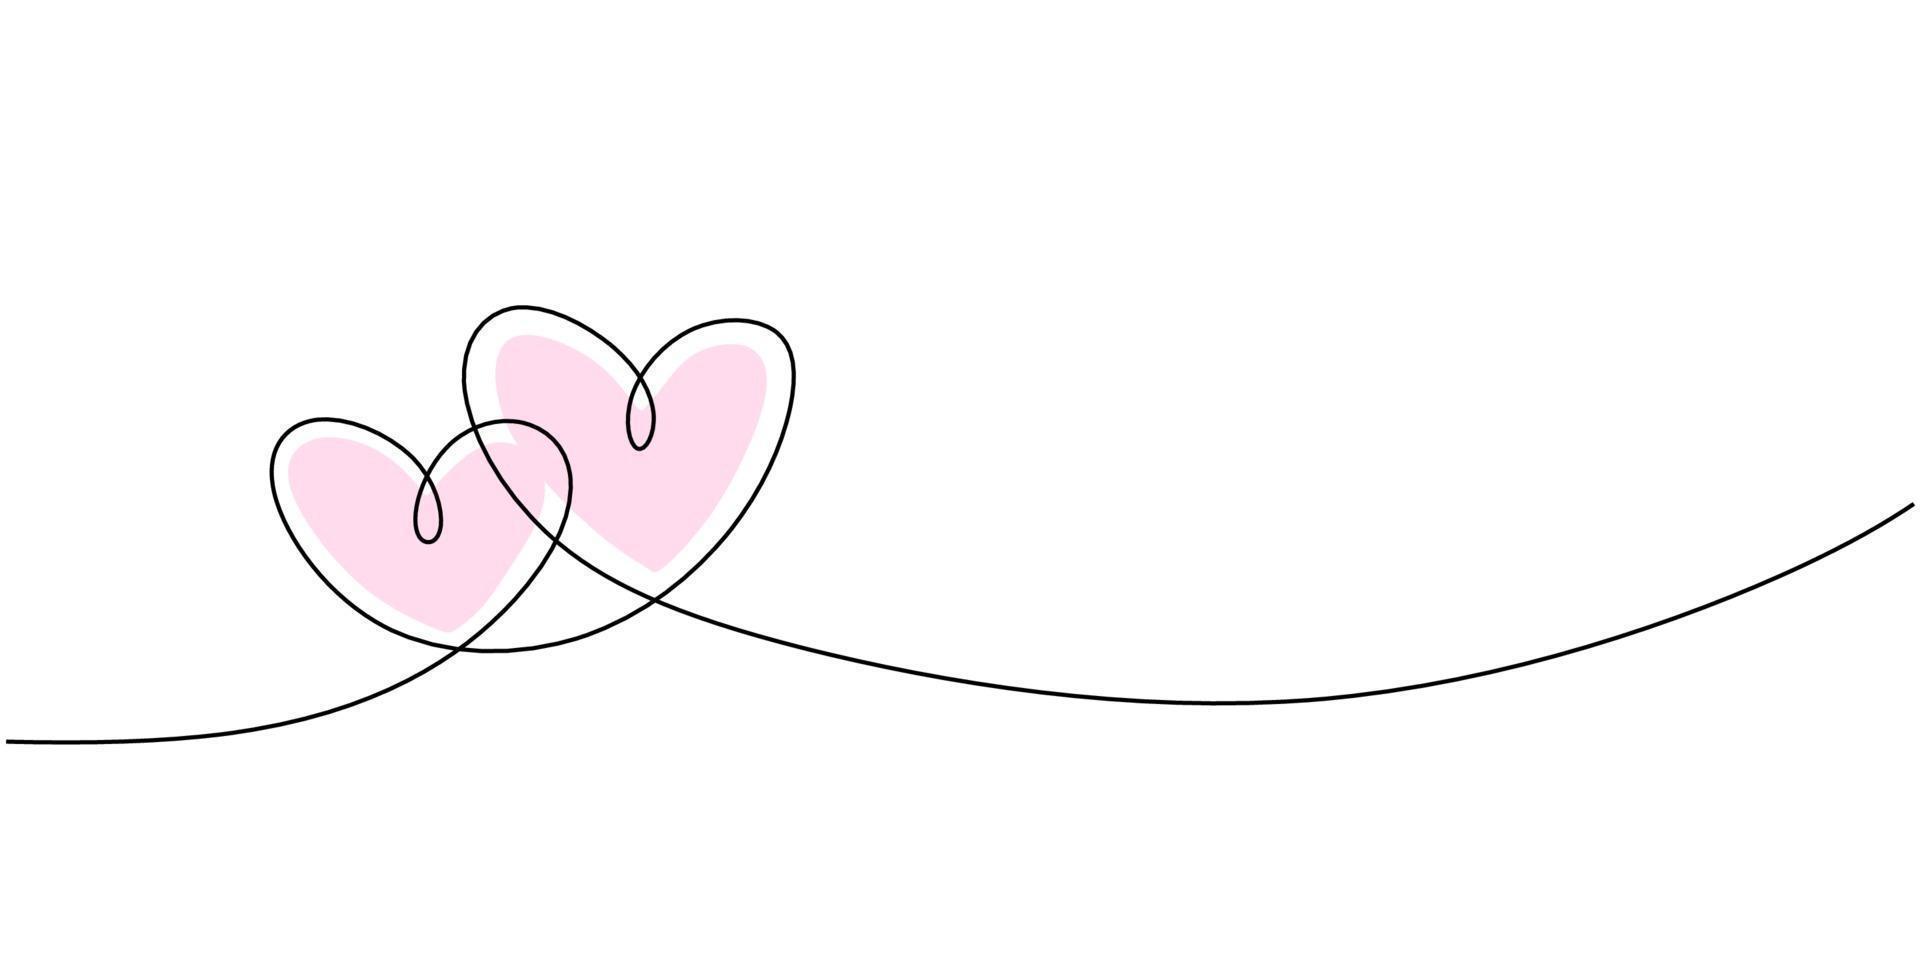 desenho de linha contínua de sinal de amor com dois corações rosa abraça o design minimalista em fundo branco vetor